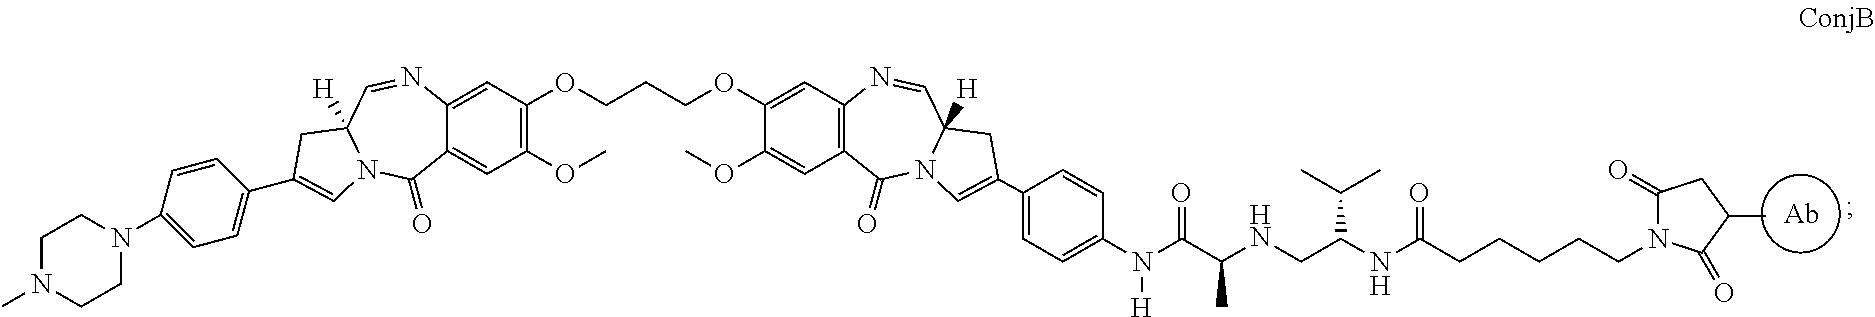 Figure US09919056-20180320-C00017